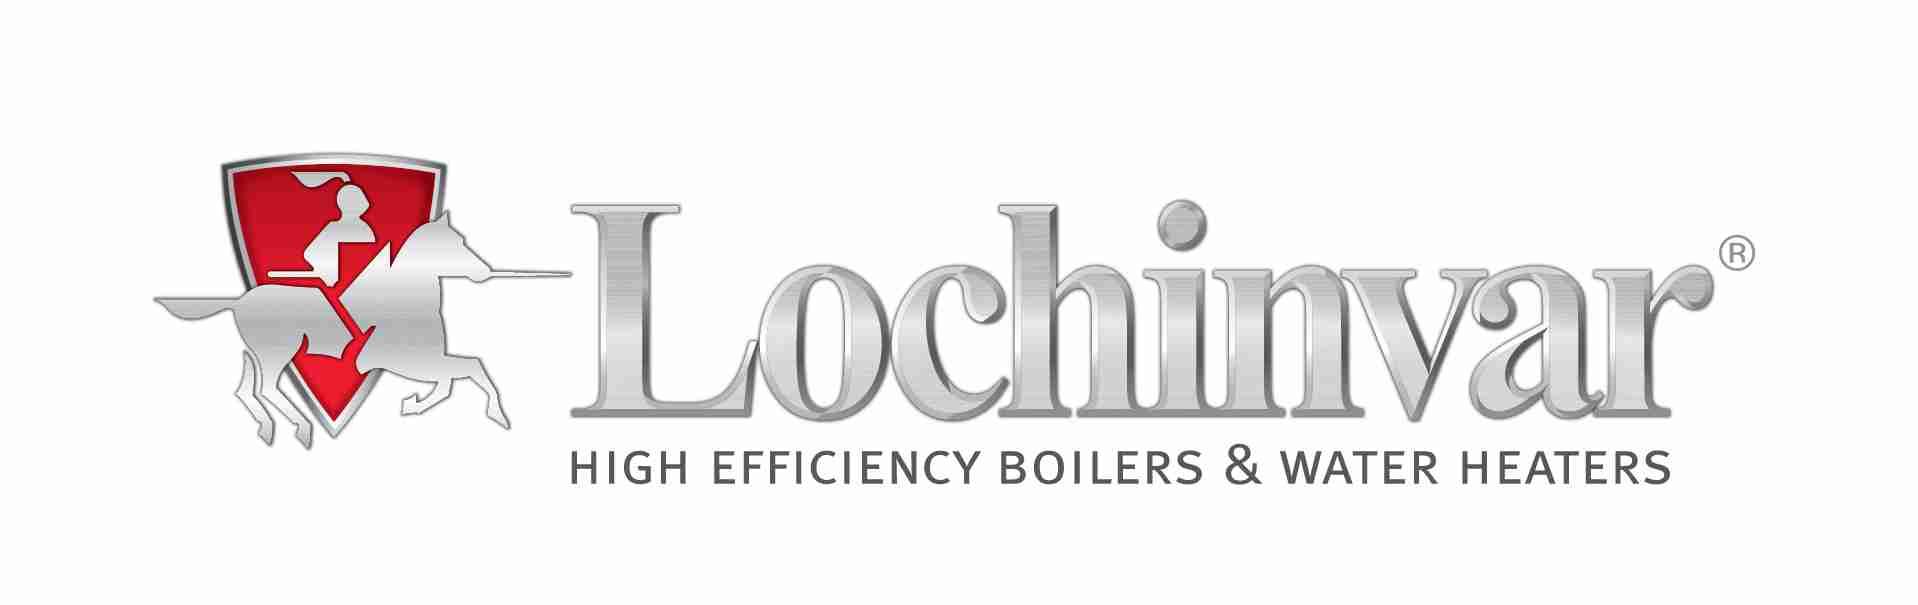 lochinvar-high-efficiency-boilers-water-heaters